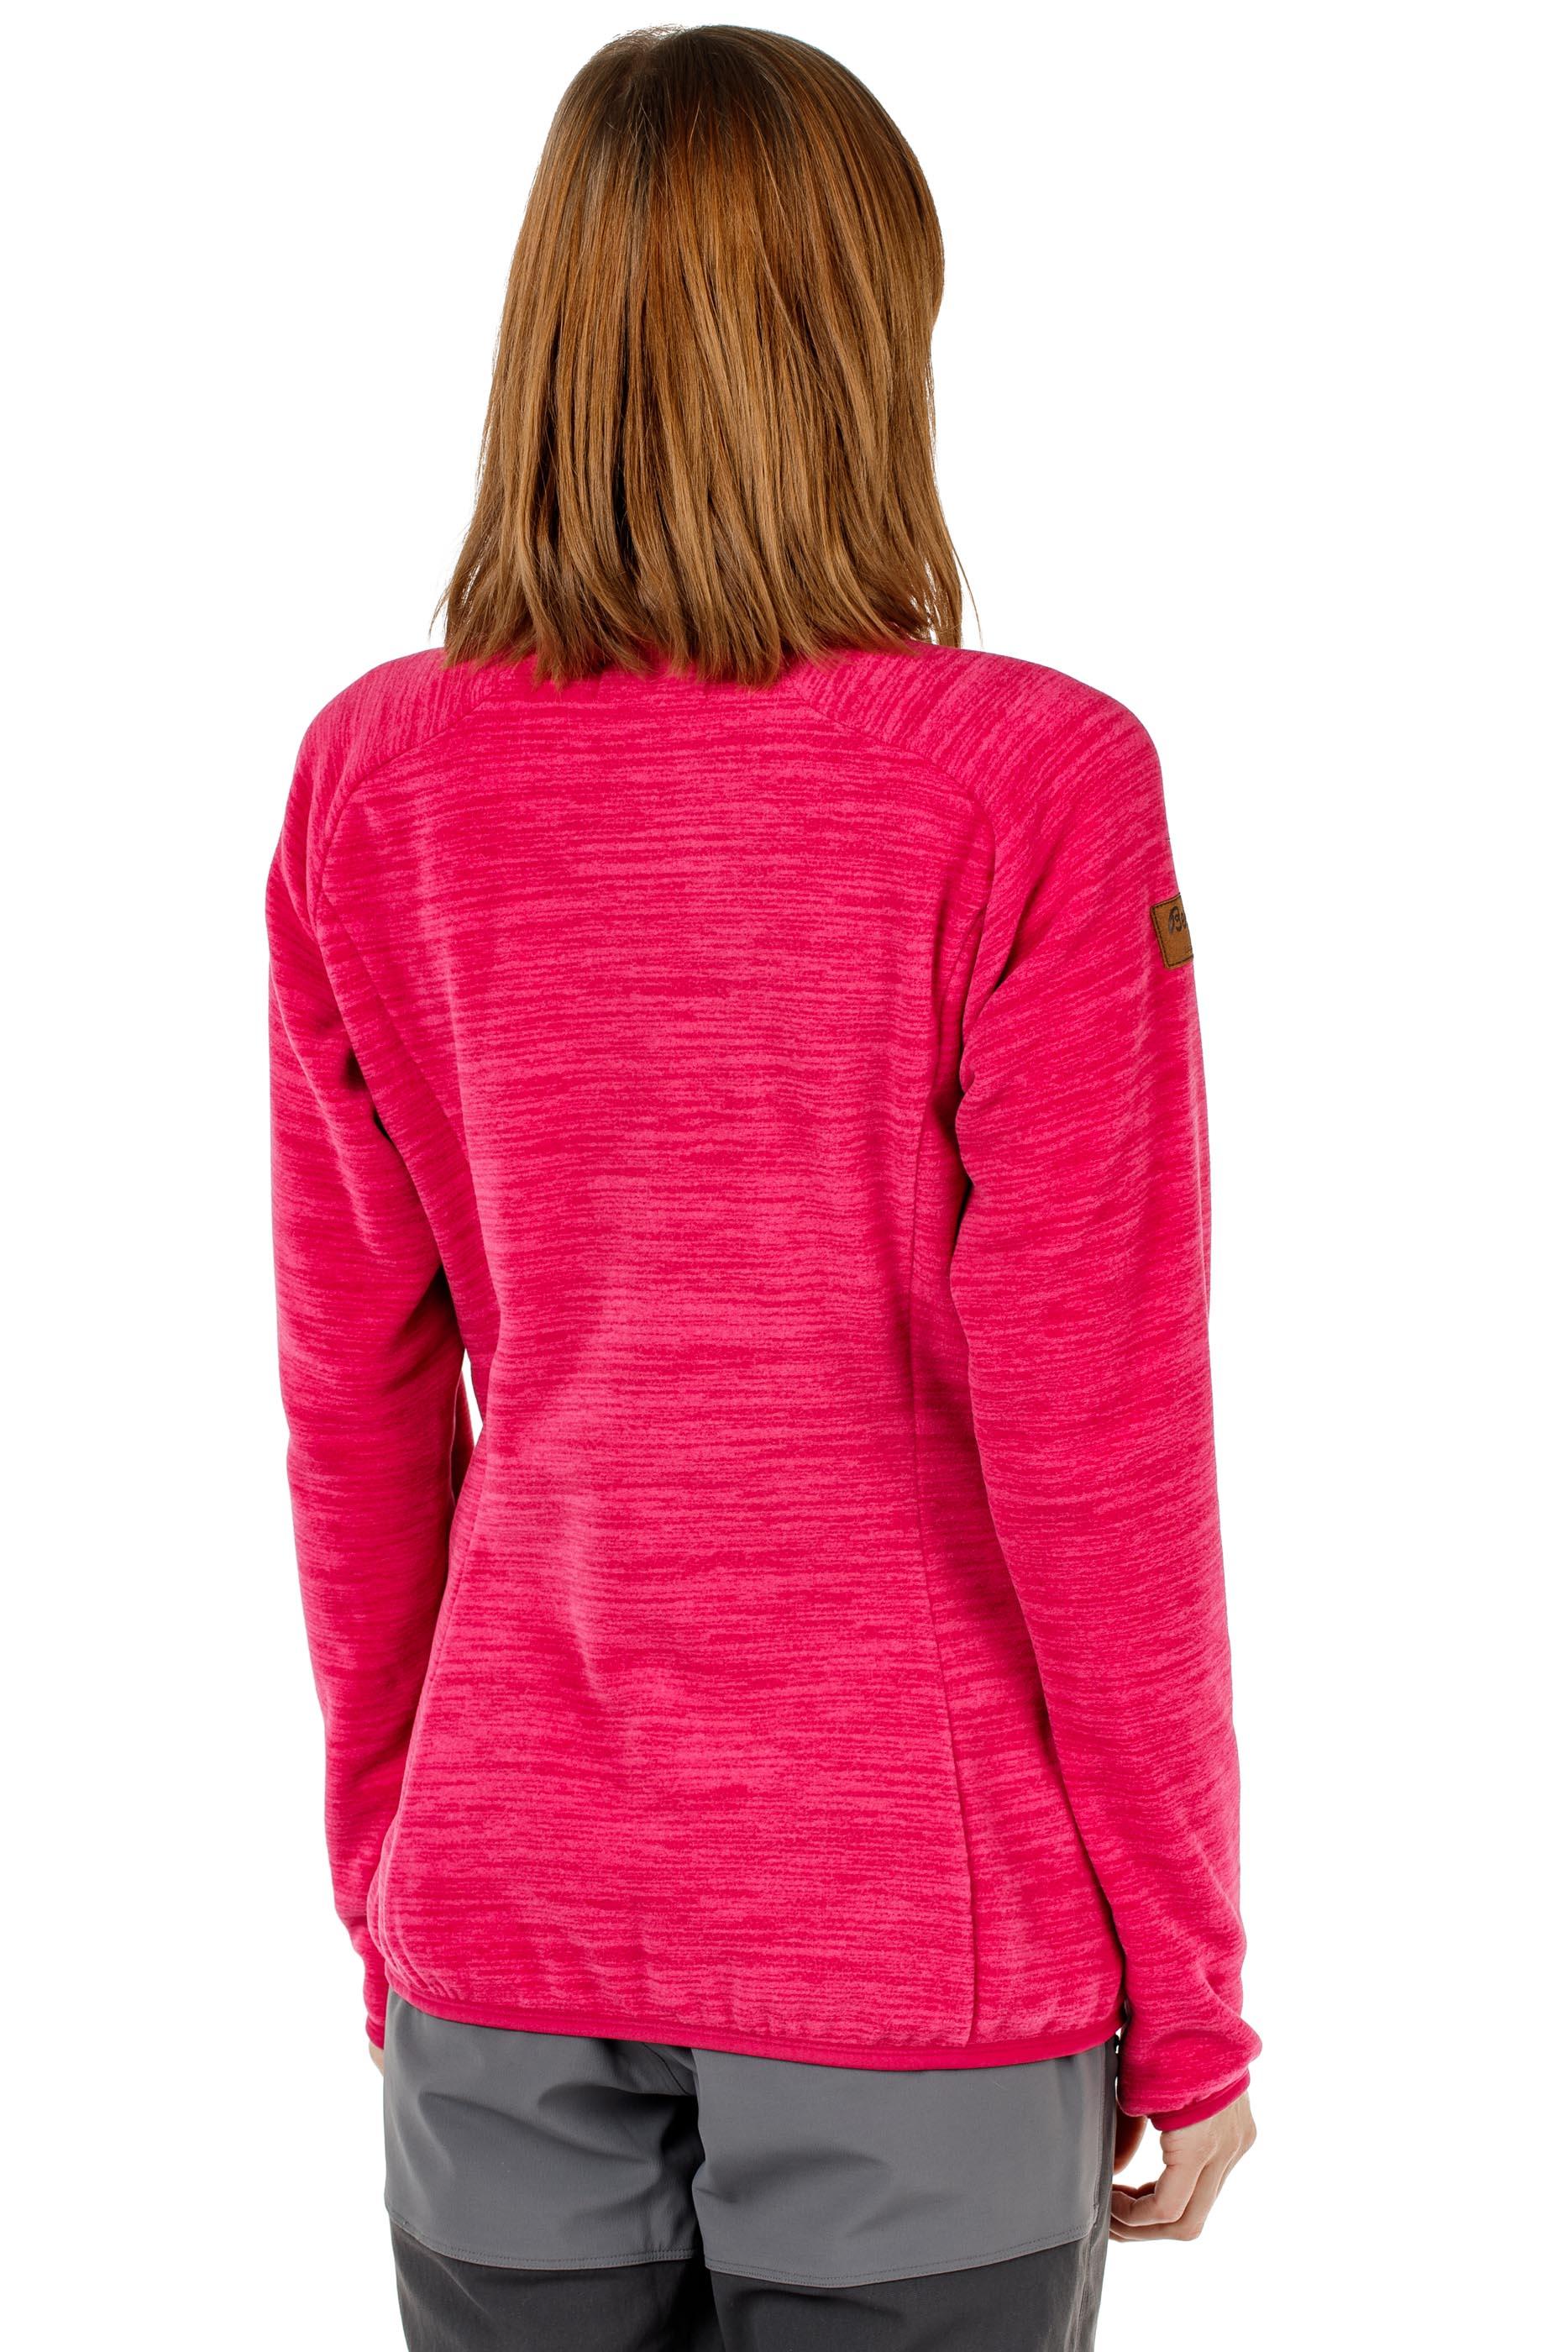 Куртка женская флисовая HAREID NOHOOD Bergans — фото 15